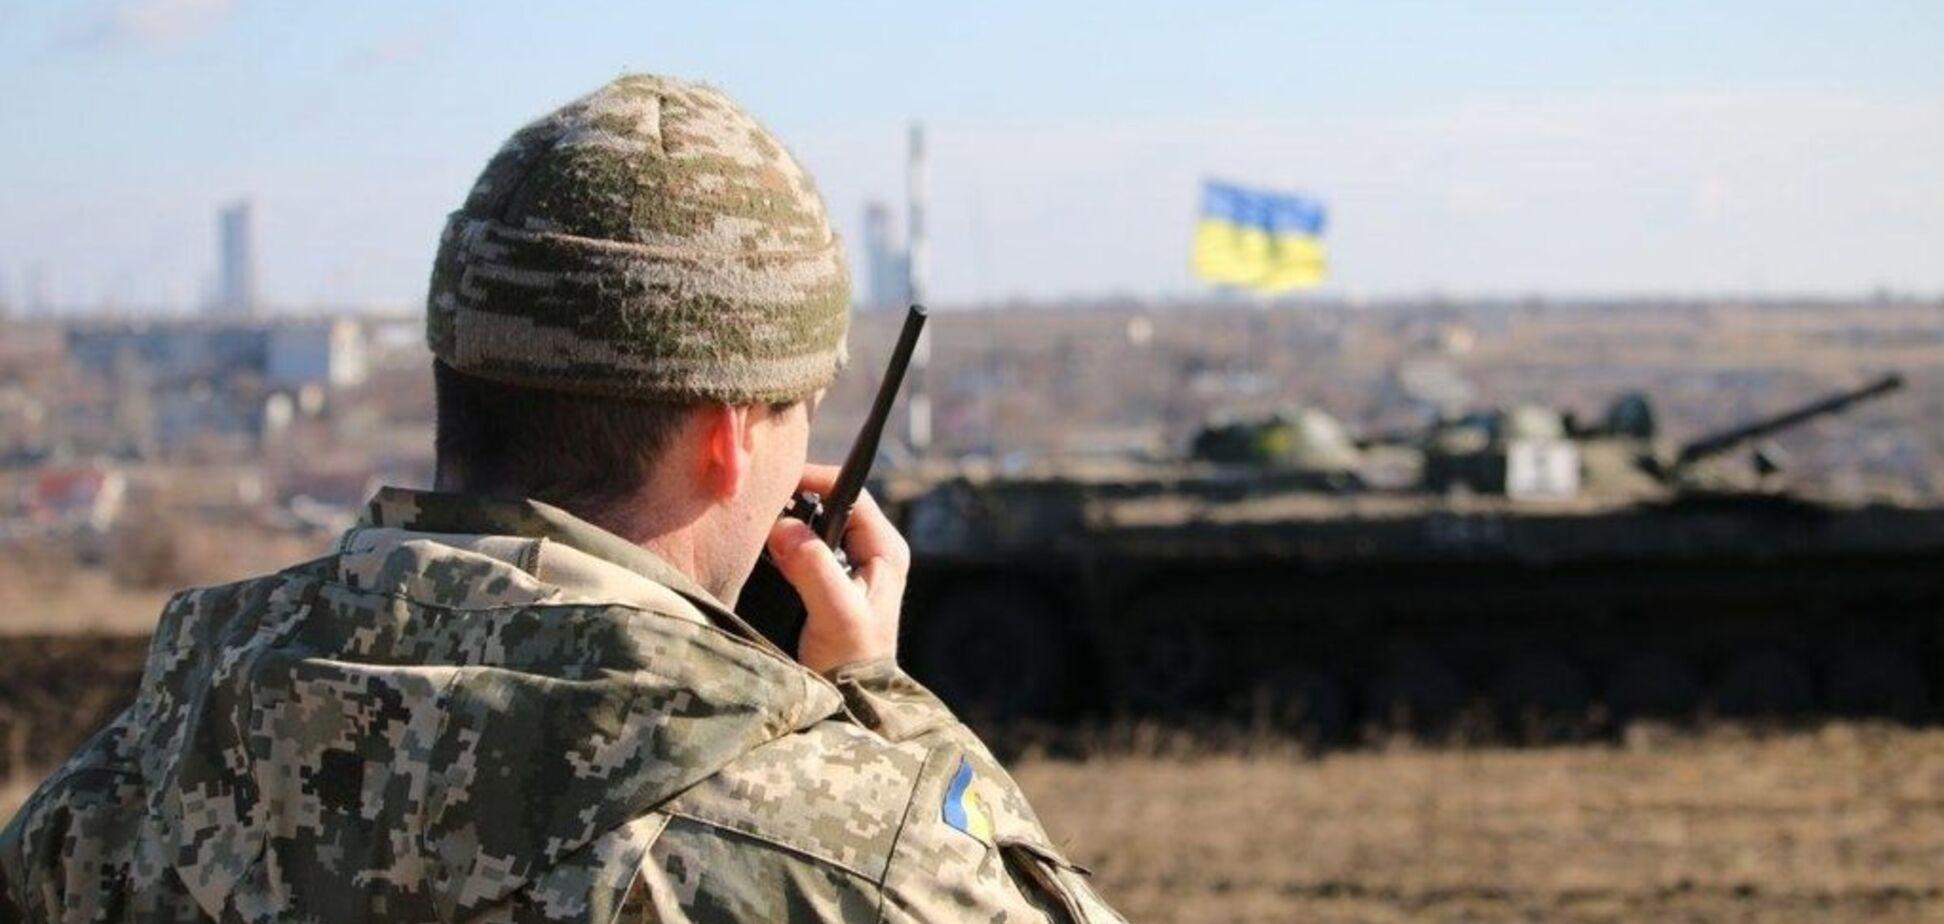 80% успіху: генерал оцінив відведення військ на Донбасі